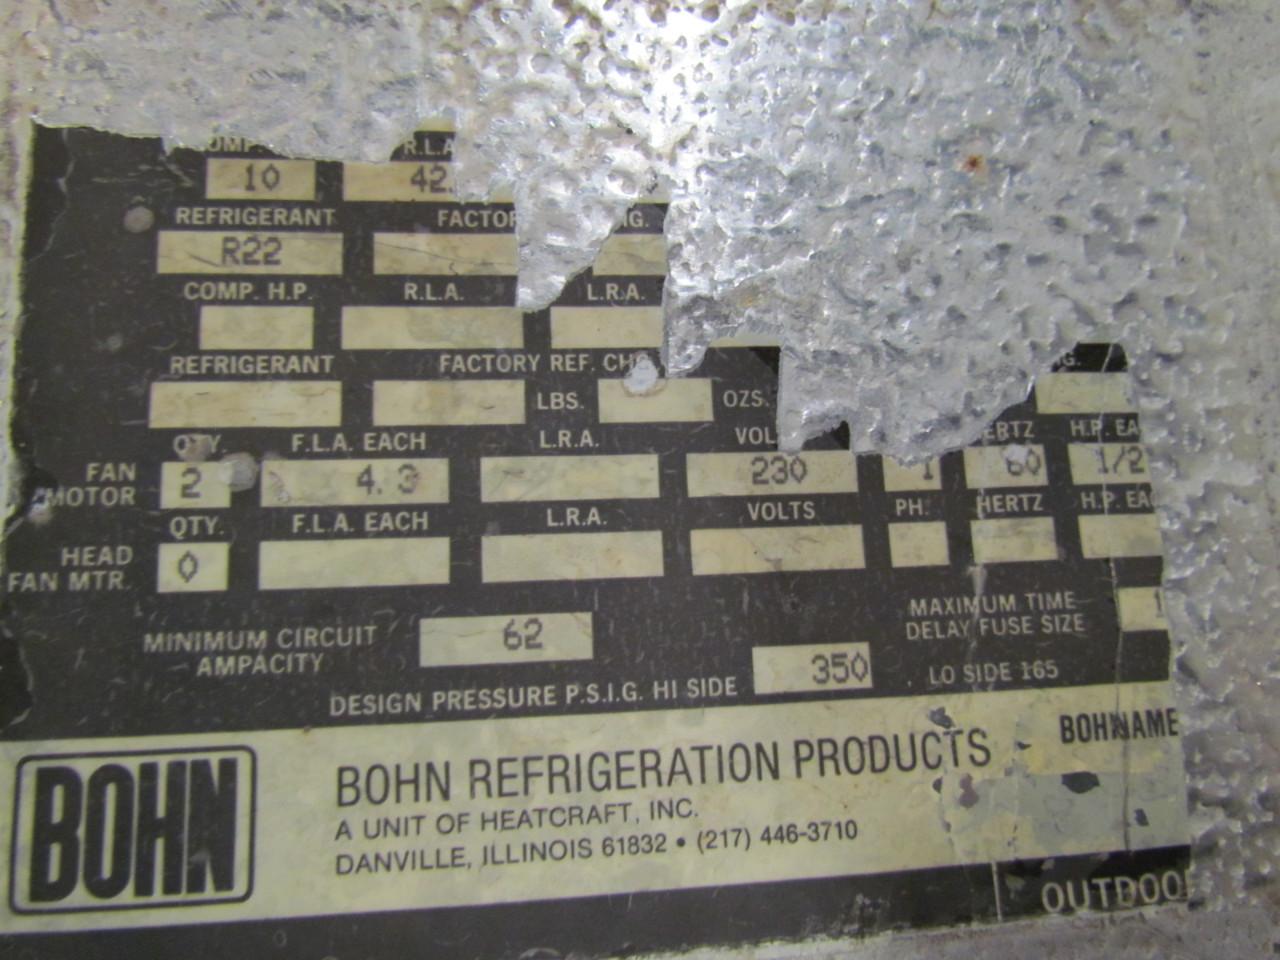 Gemütlich Bohn Heatcraft Schaltplan Bilder - Elektrische Schaltplan ...